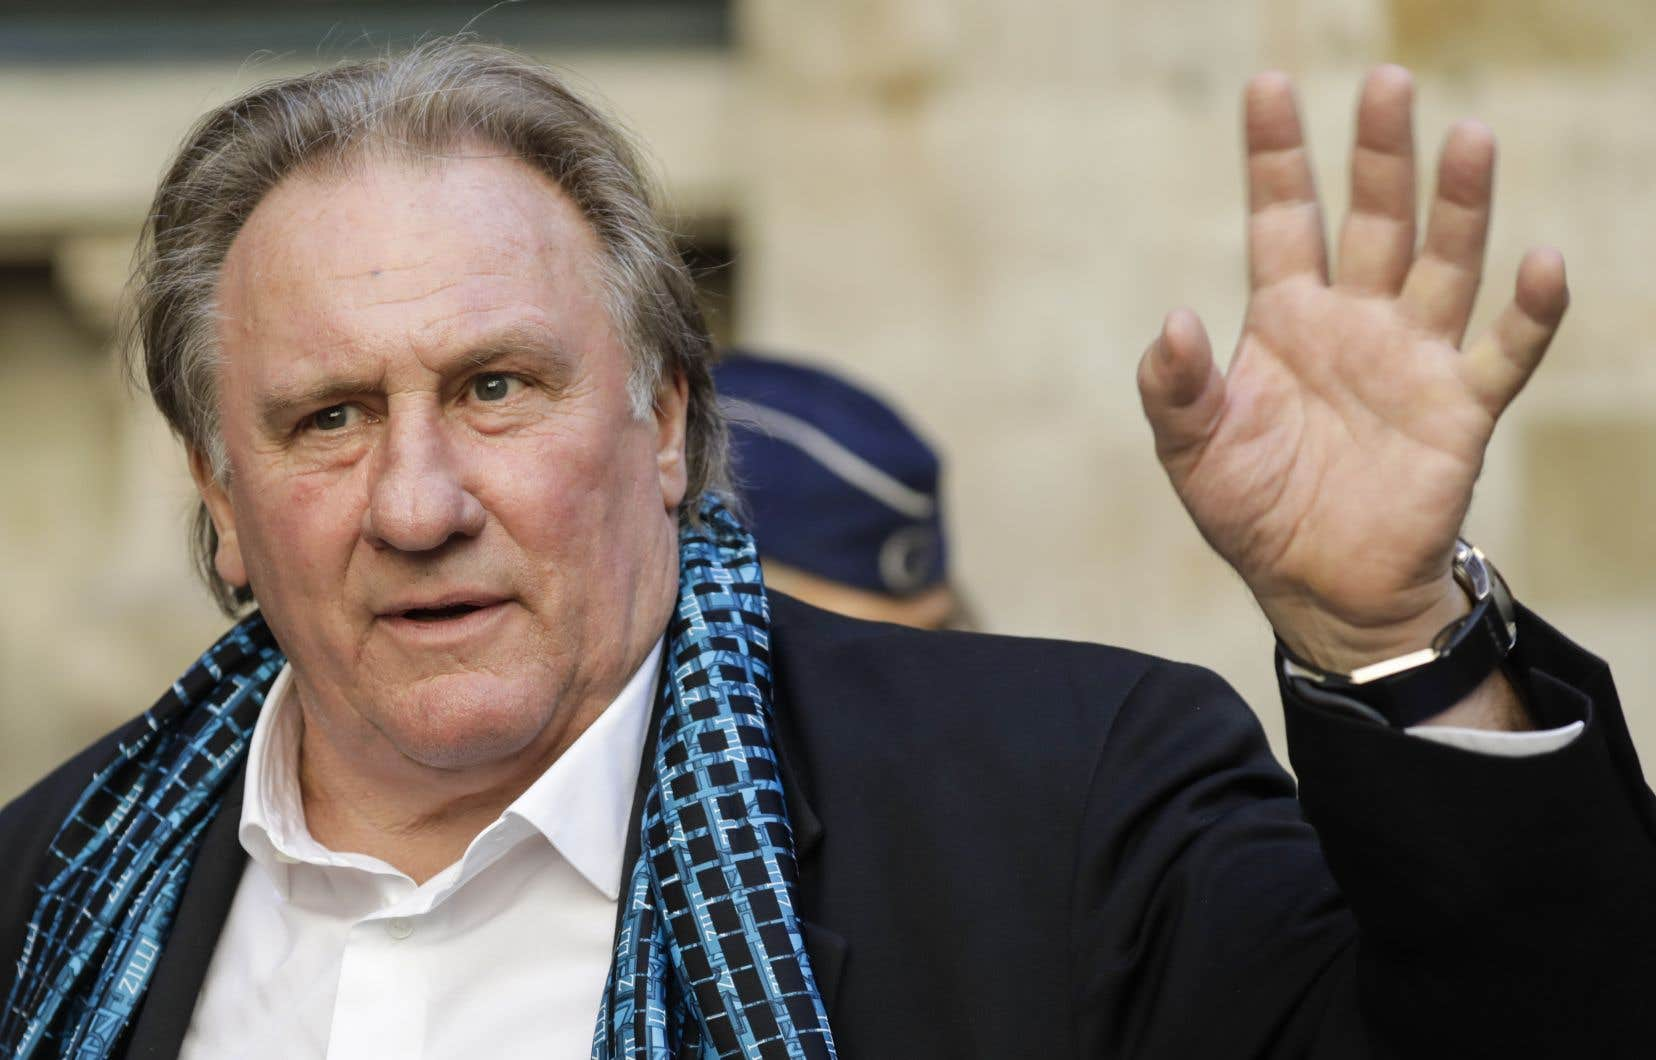 Les faits se seraient déroulés au domicile parisien de M. Depardieu, un hôtel particulier, les 7 et 13 août.